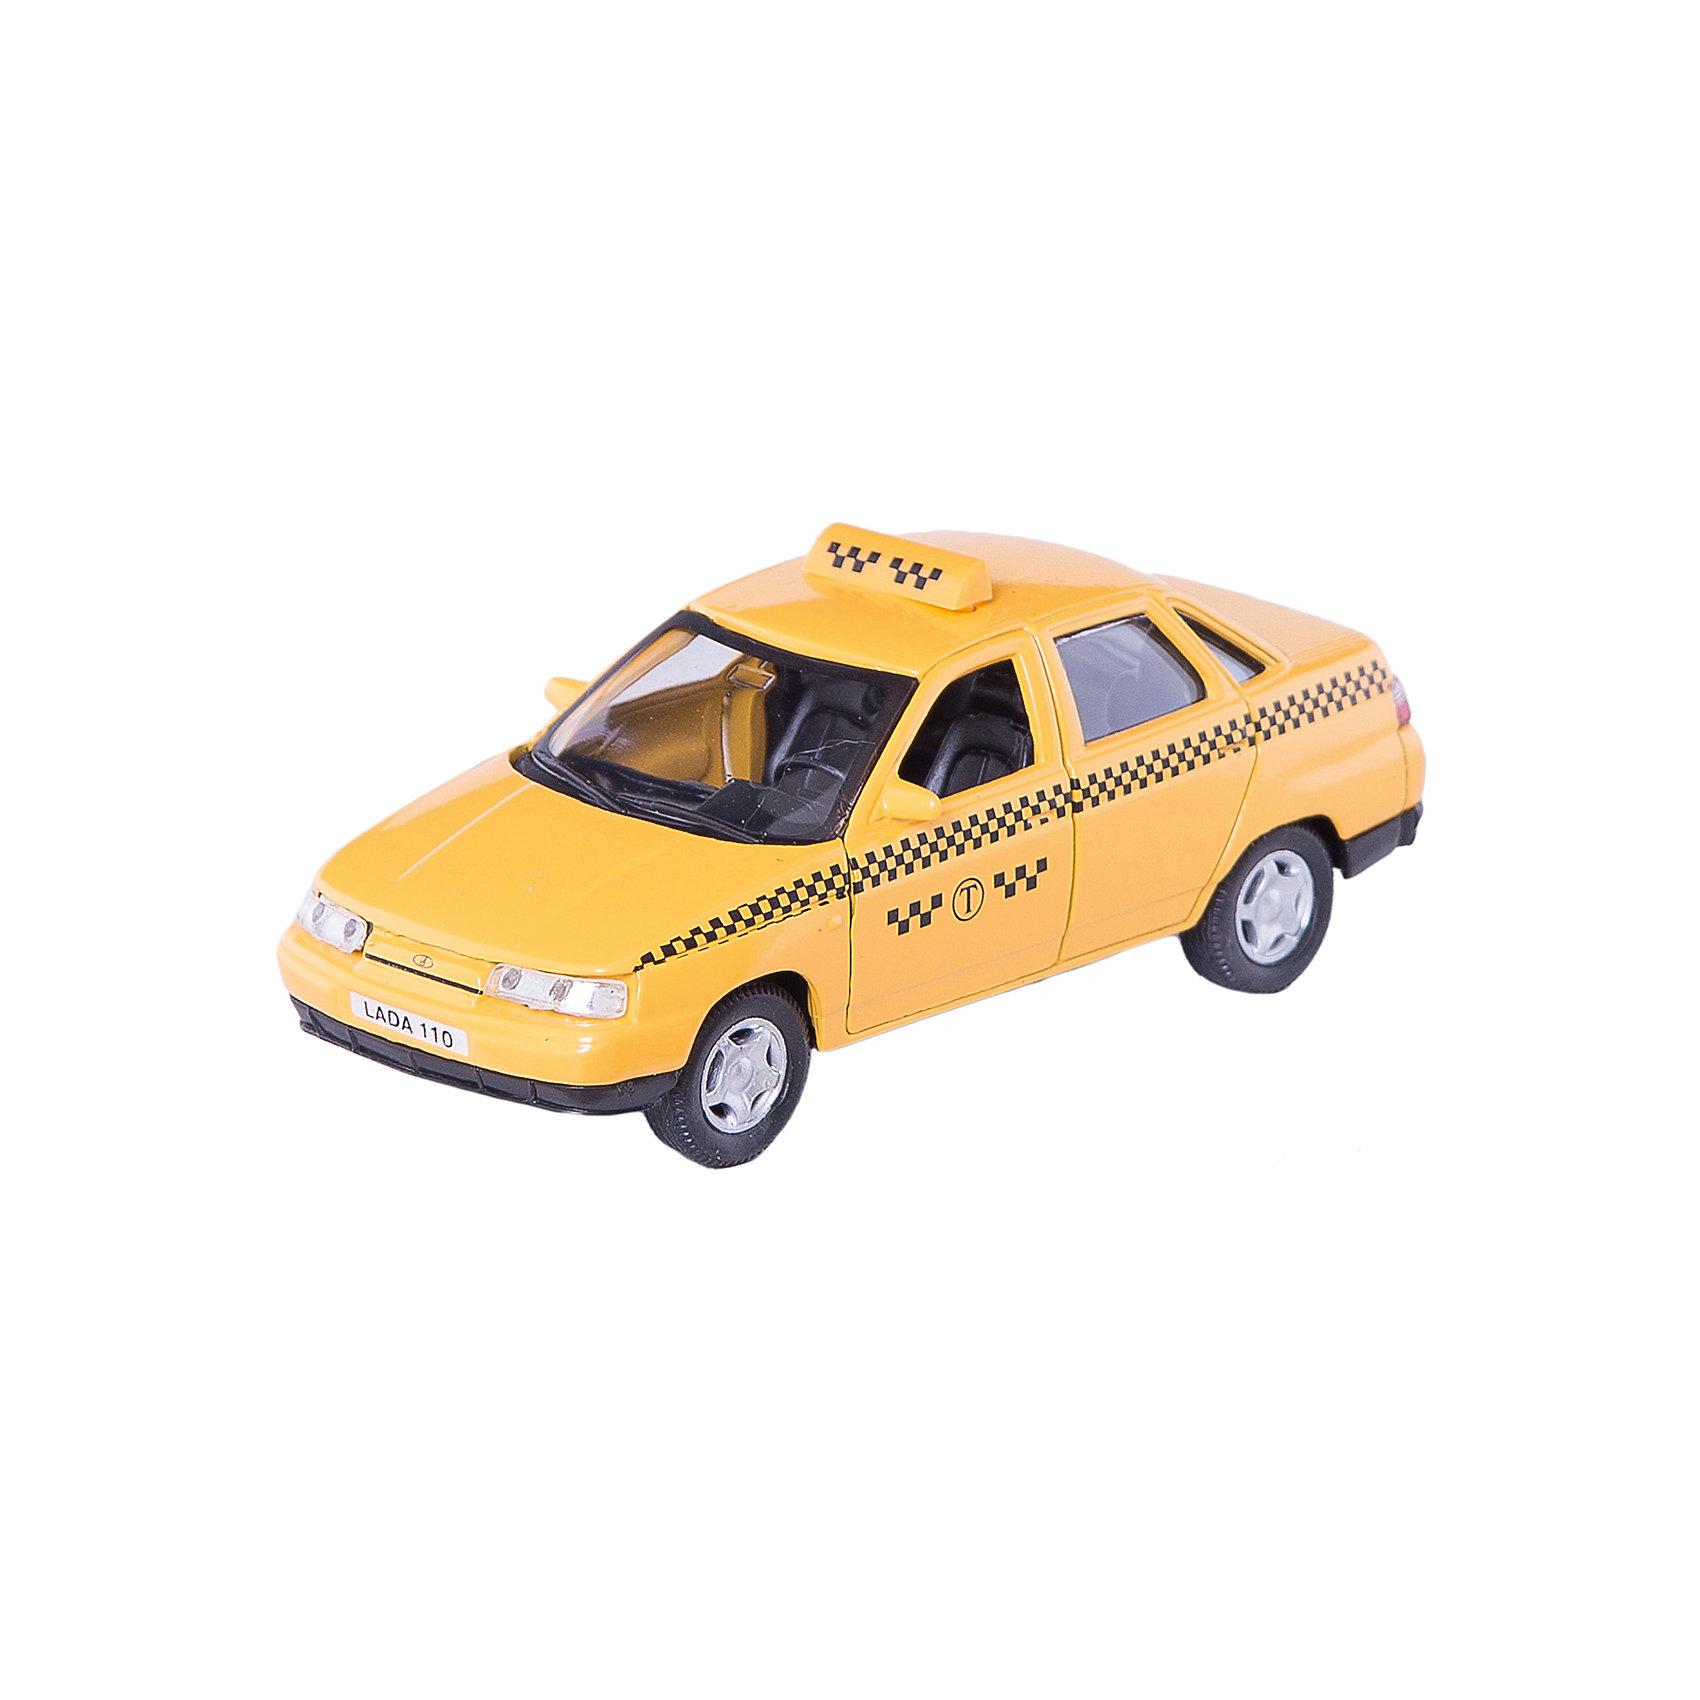 Машинка Lada 110 такси 1:36, AutotimeМашинки<br>Характеристики товара:<br><br>• цвет: желтый<br>• материал: металл, пластик<br>• размер: 16,5х7,х5,7 см<br>• вес: 100 г<br>• масштаб: 1:36<br>• прочный материал<br>• хорошая детализация<br>• открываются двери<br>• страна бренда: Россия<br>• страна производства: Китай<br><br>Коллекционная машинка LADA 110 такси от бренда AUTOTIME станет отличным подарком для мальчика. Подробная детализация машинки порадует увлеченного коллекционера, а открывающиеся двери и свободно вращающиеся колеса придутся по душе юному владельцу игрушечного гаража. Эта игрушка подарит восторг и радость вашему ребенку. <br><br>Игрушка также воздействует на наглядно-образное мышление, логическое мышление, развивает мелкую моторику. Изделие выполнено из сертифицированных материалов, безопасных для детей.<br><br>Машинку «Lada 110» такси от бренда AUTOTIME можно купить в нашем интернет-магазине.<br><br>Ширина мм: 165<br>Глубина мм: 57<br>Высота мм: 75<br>Вес г: 13<br>Возраст от месяцев: 36<br>Возраст до месяцев: 2147483647<br>Пол: Мужской<br>Возраст: Детский<br>SKU: 5583932